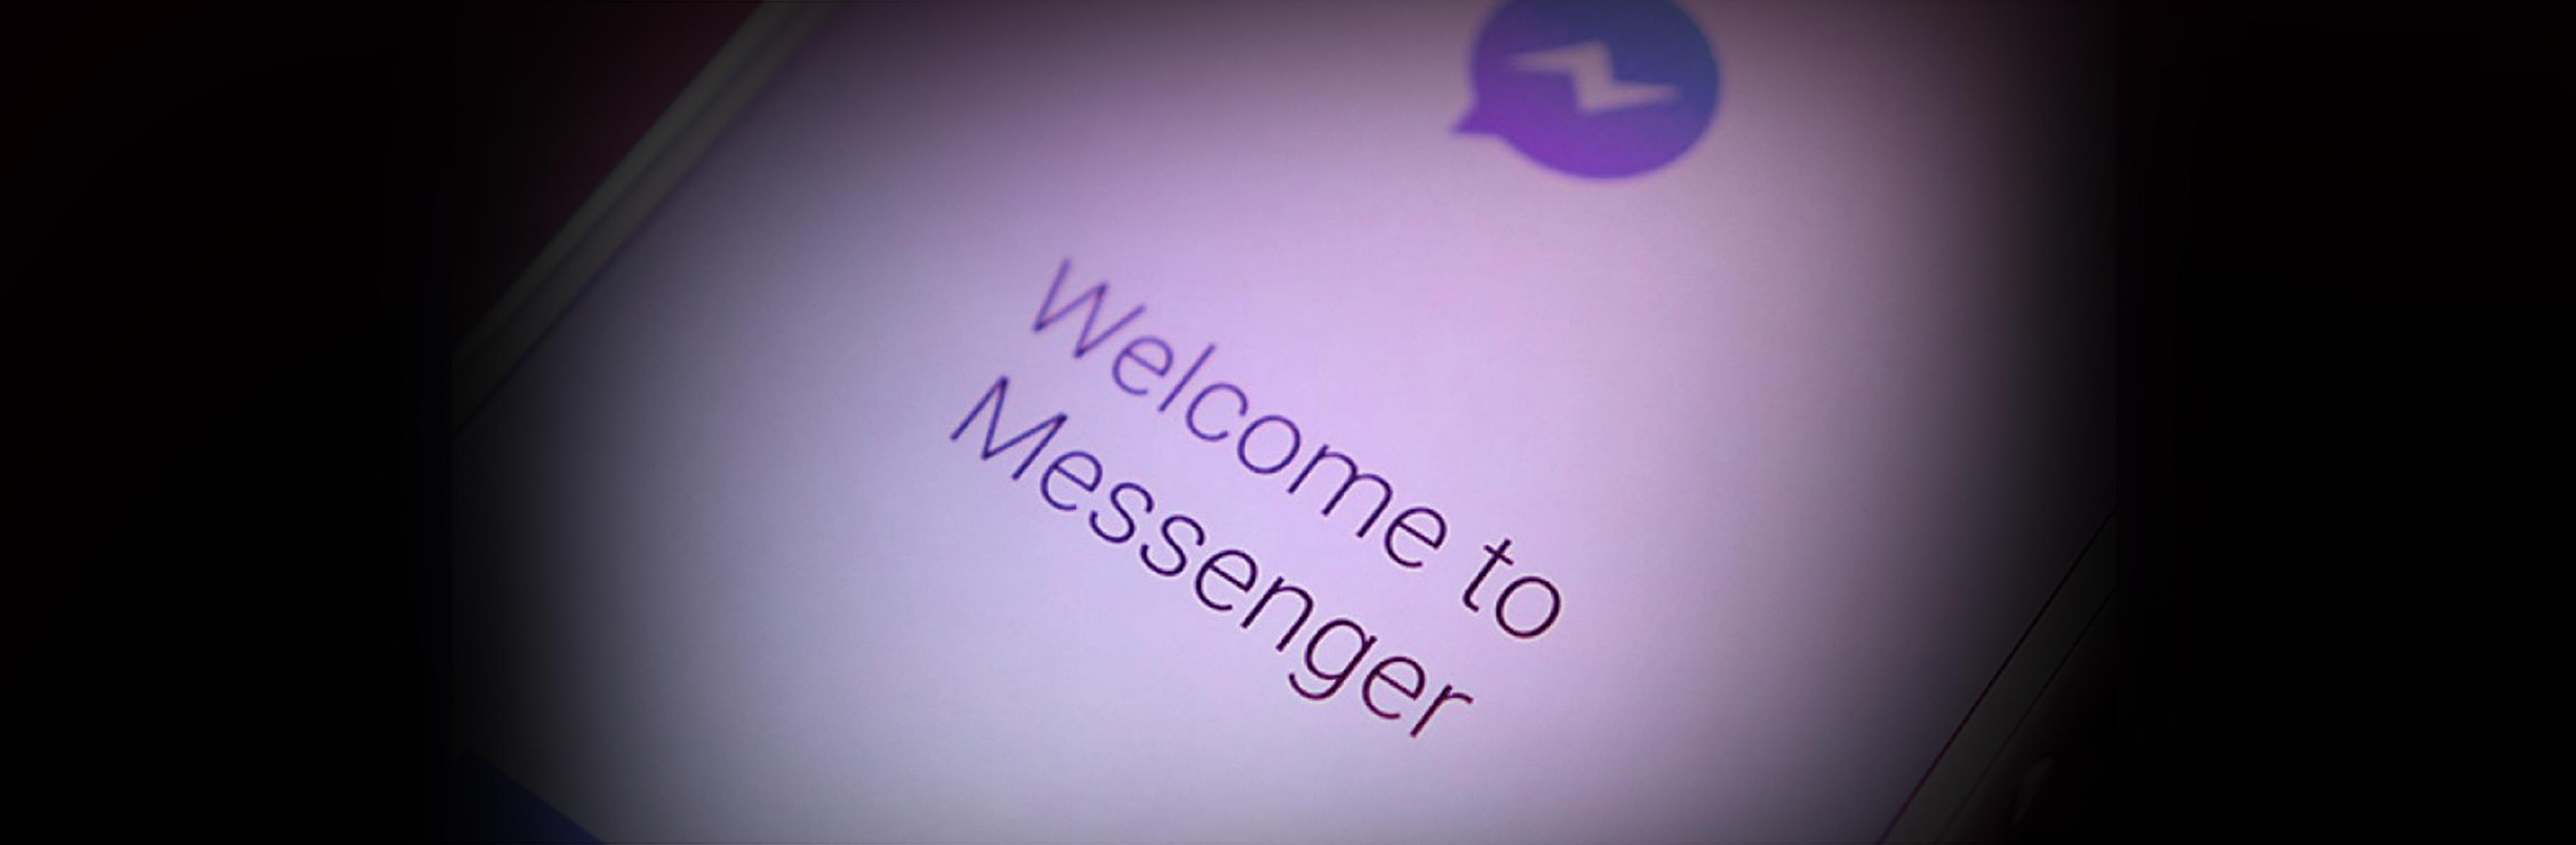 O Messenger está de volta para novas integrações